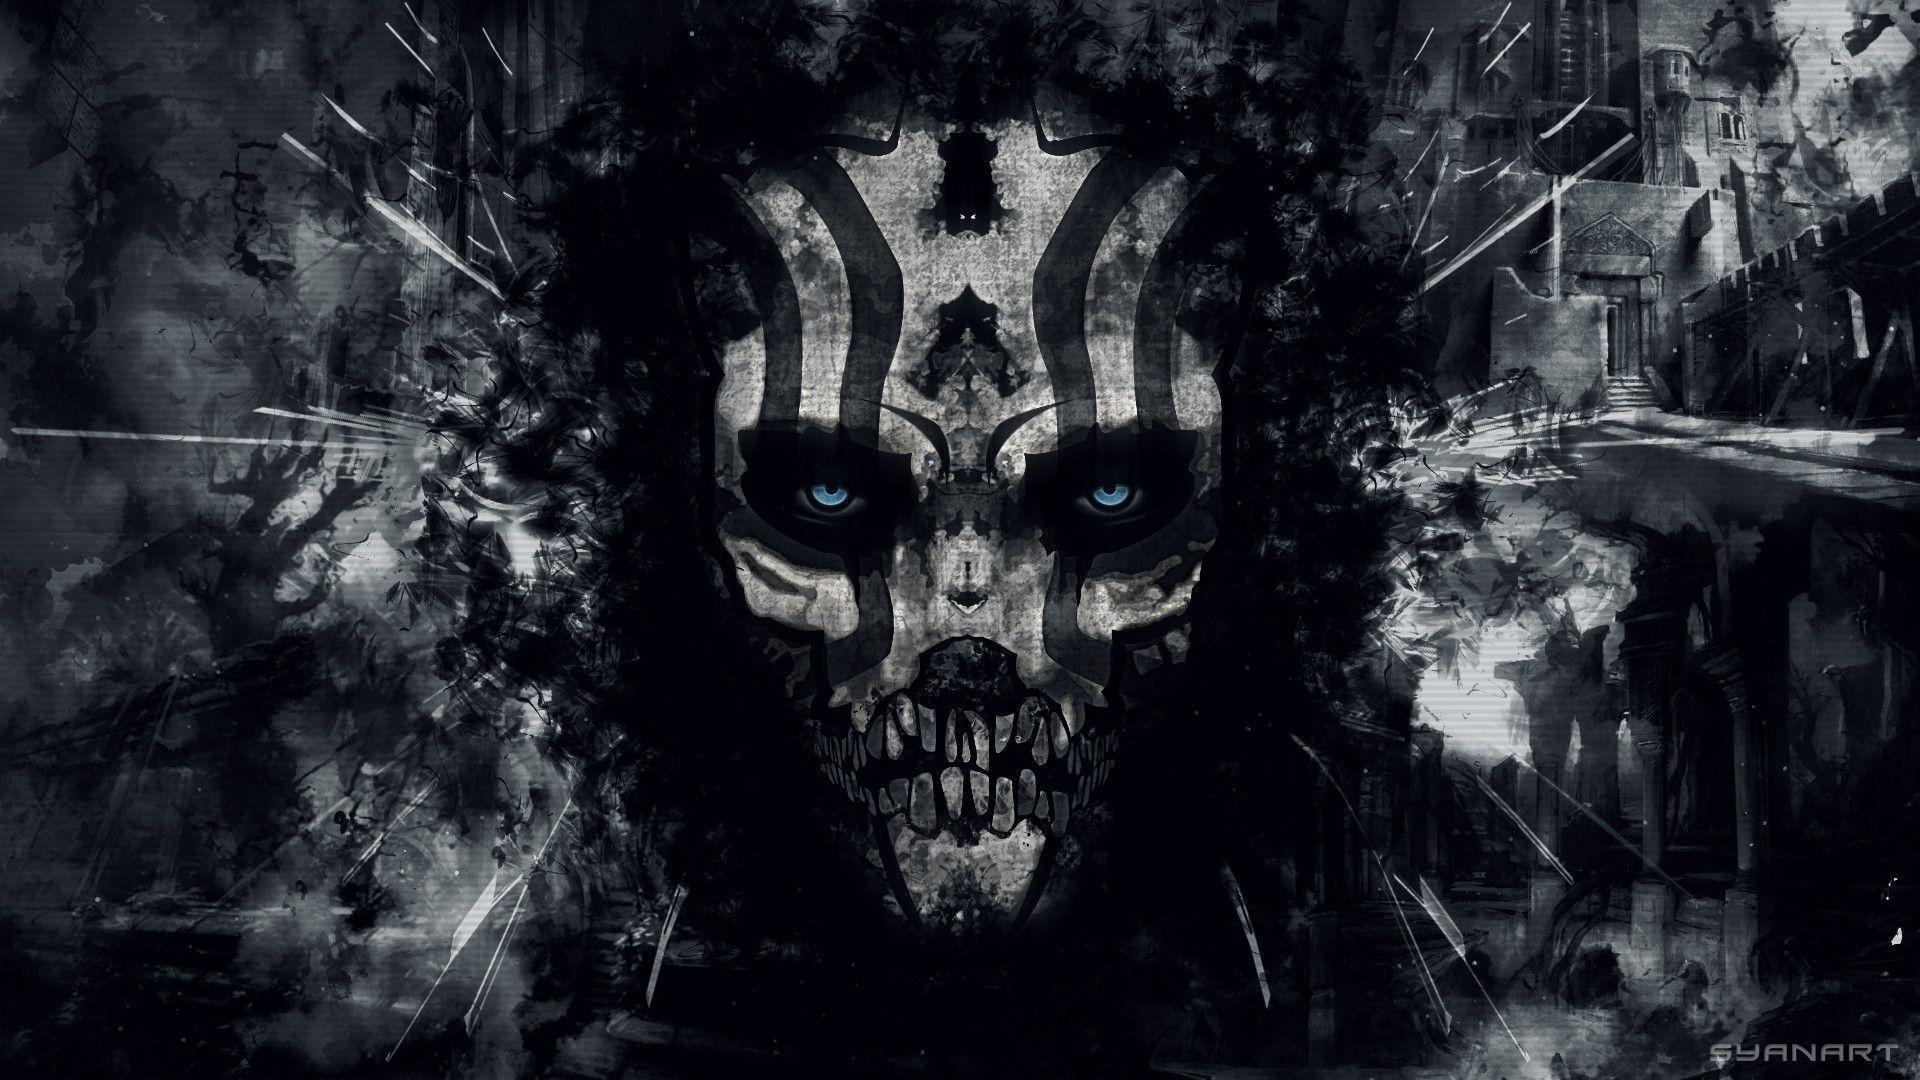 Evil Skulls Wallpapers HD - Wallpaper Cave